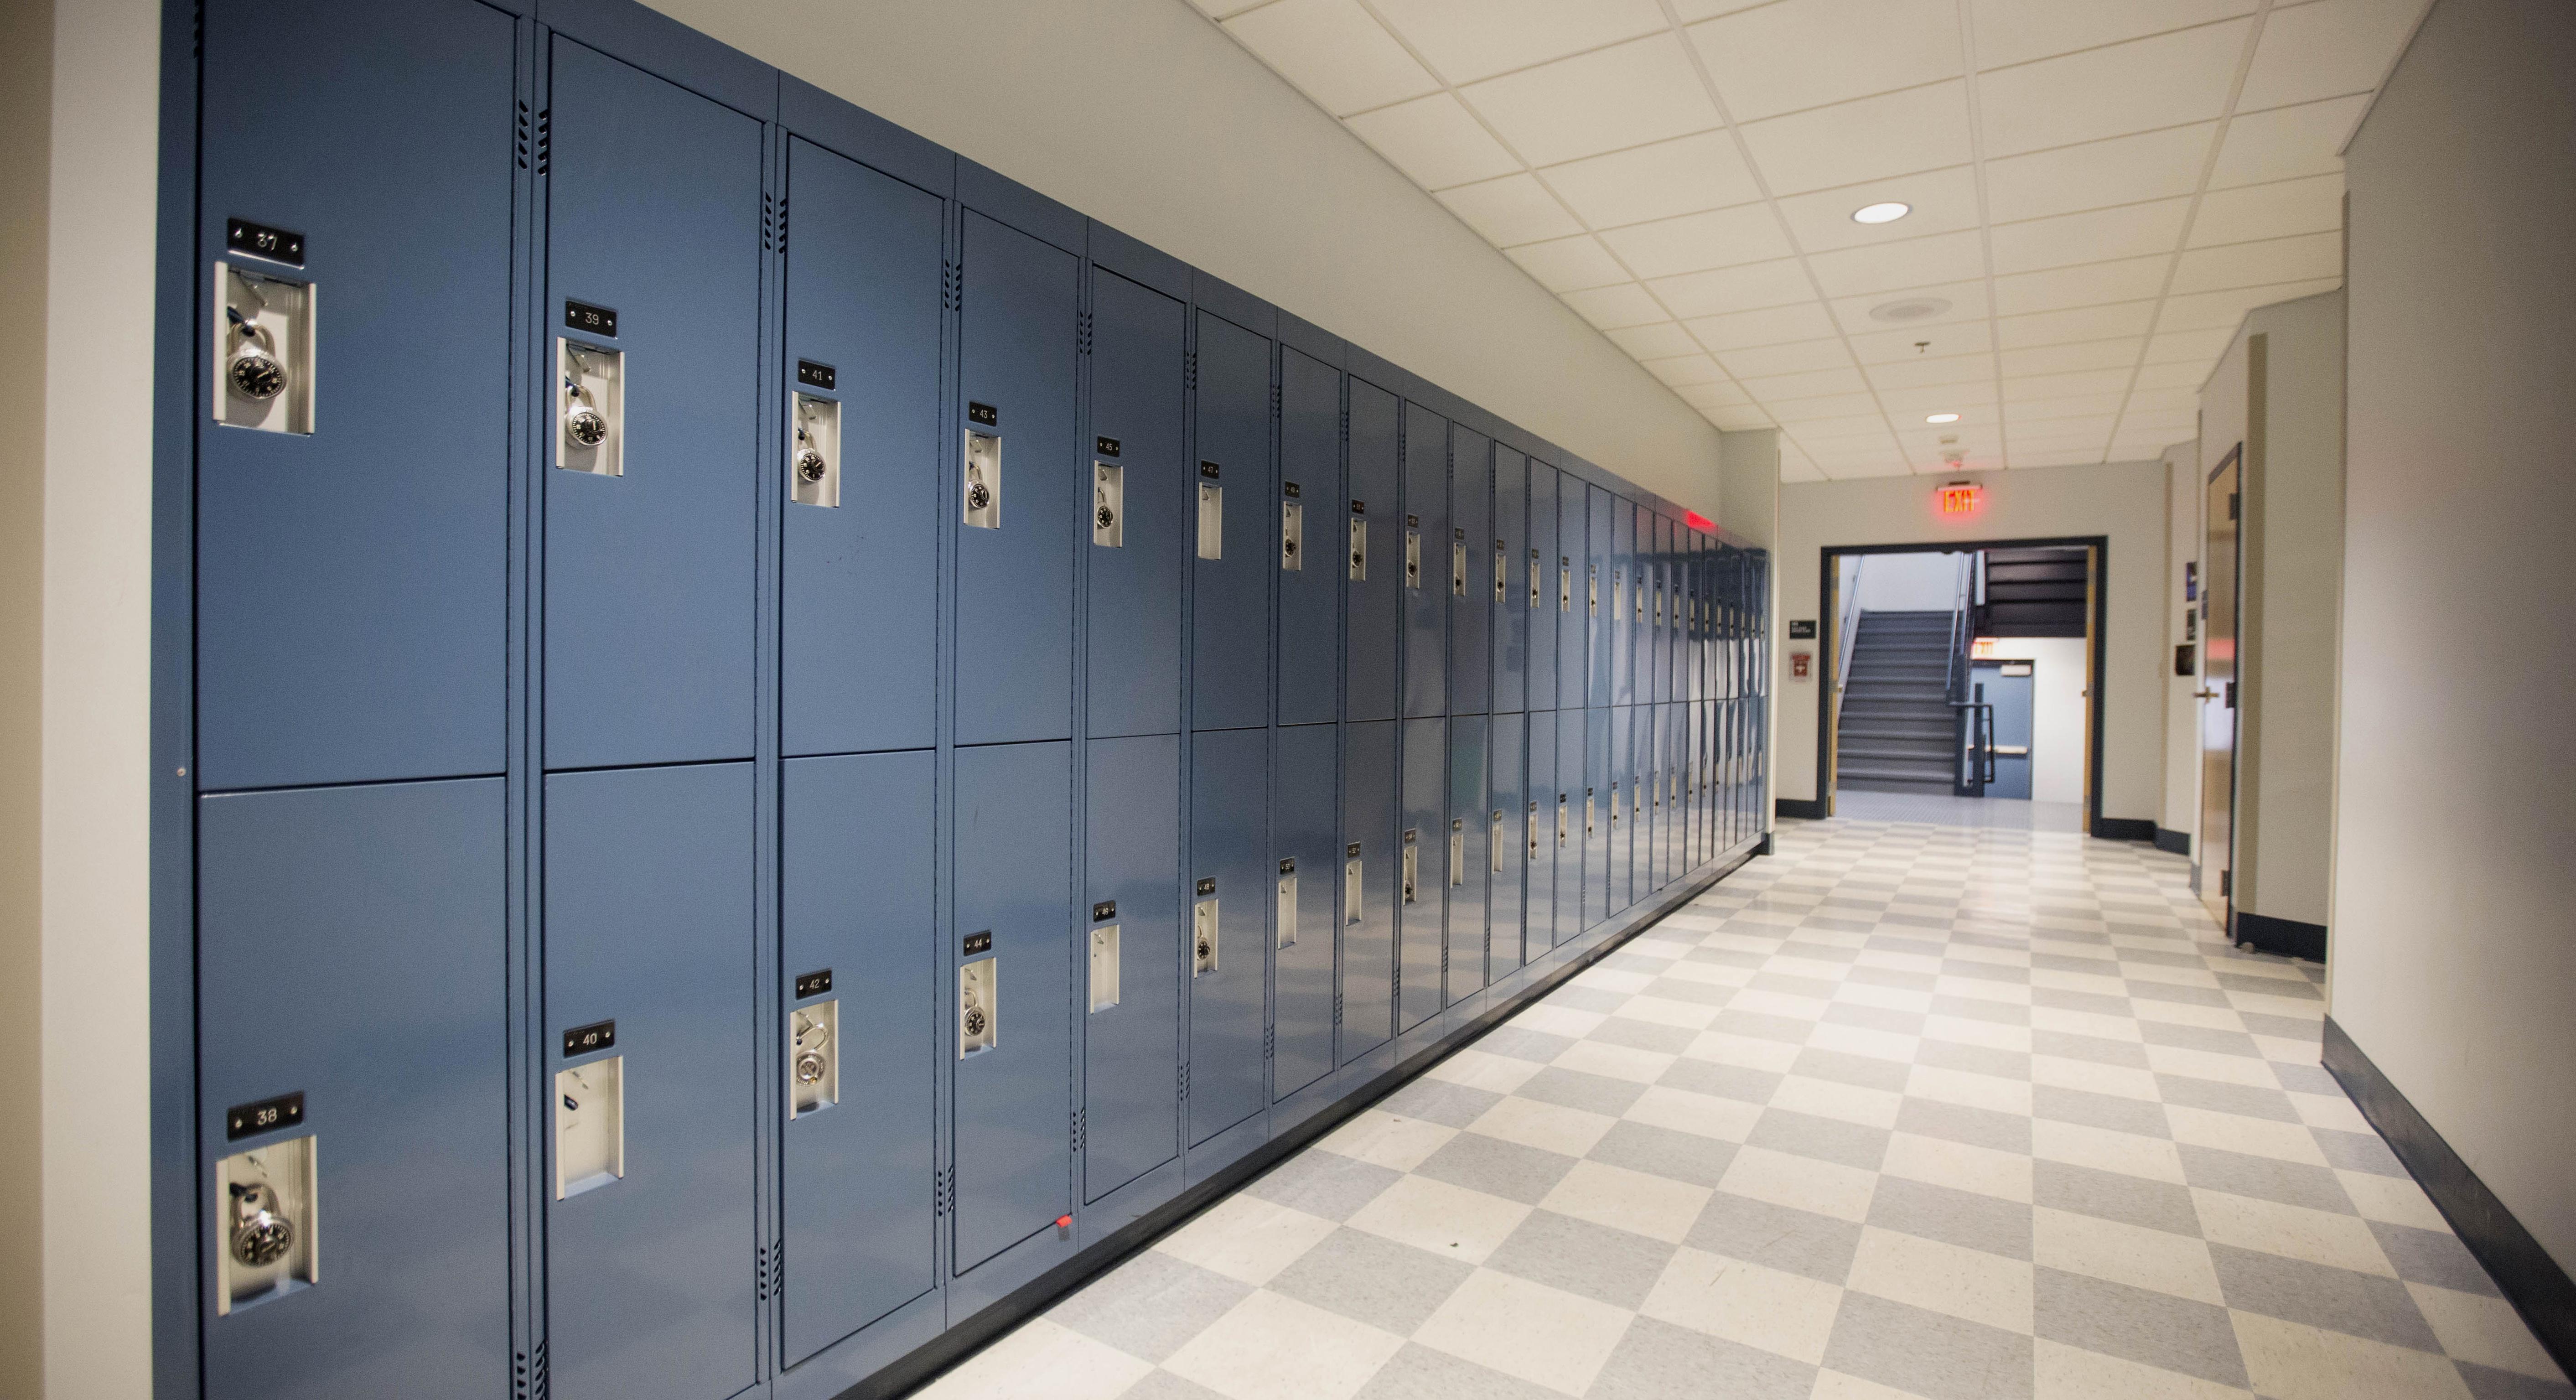 Democrats Feud Over Charter Schools In Massachusetts